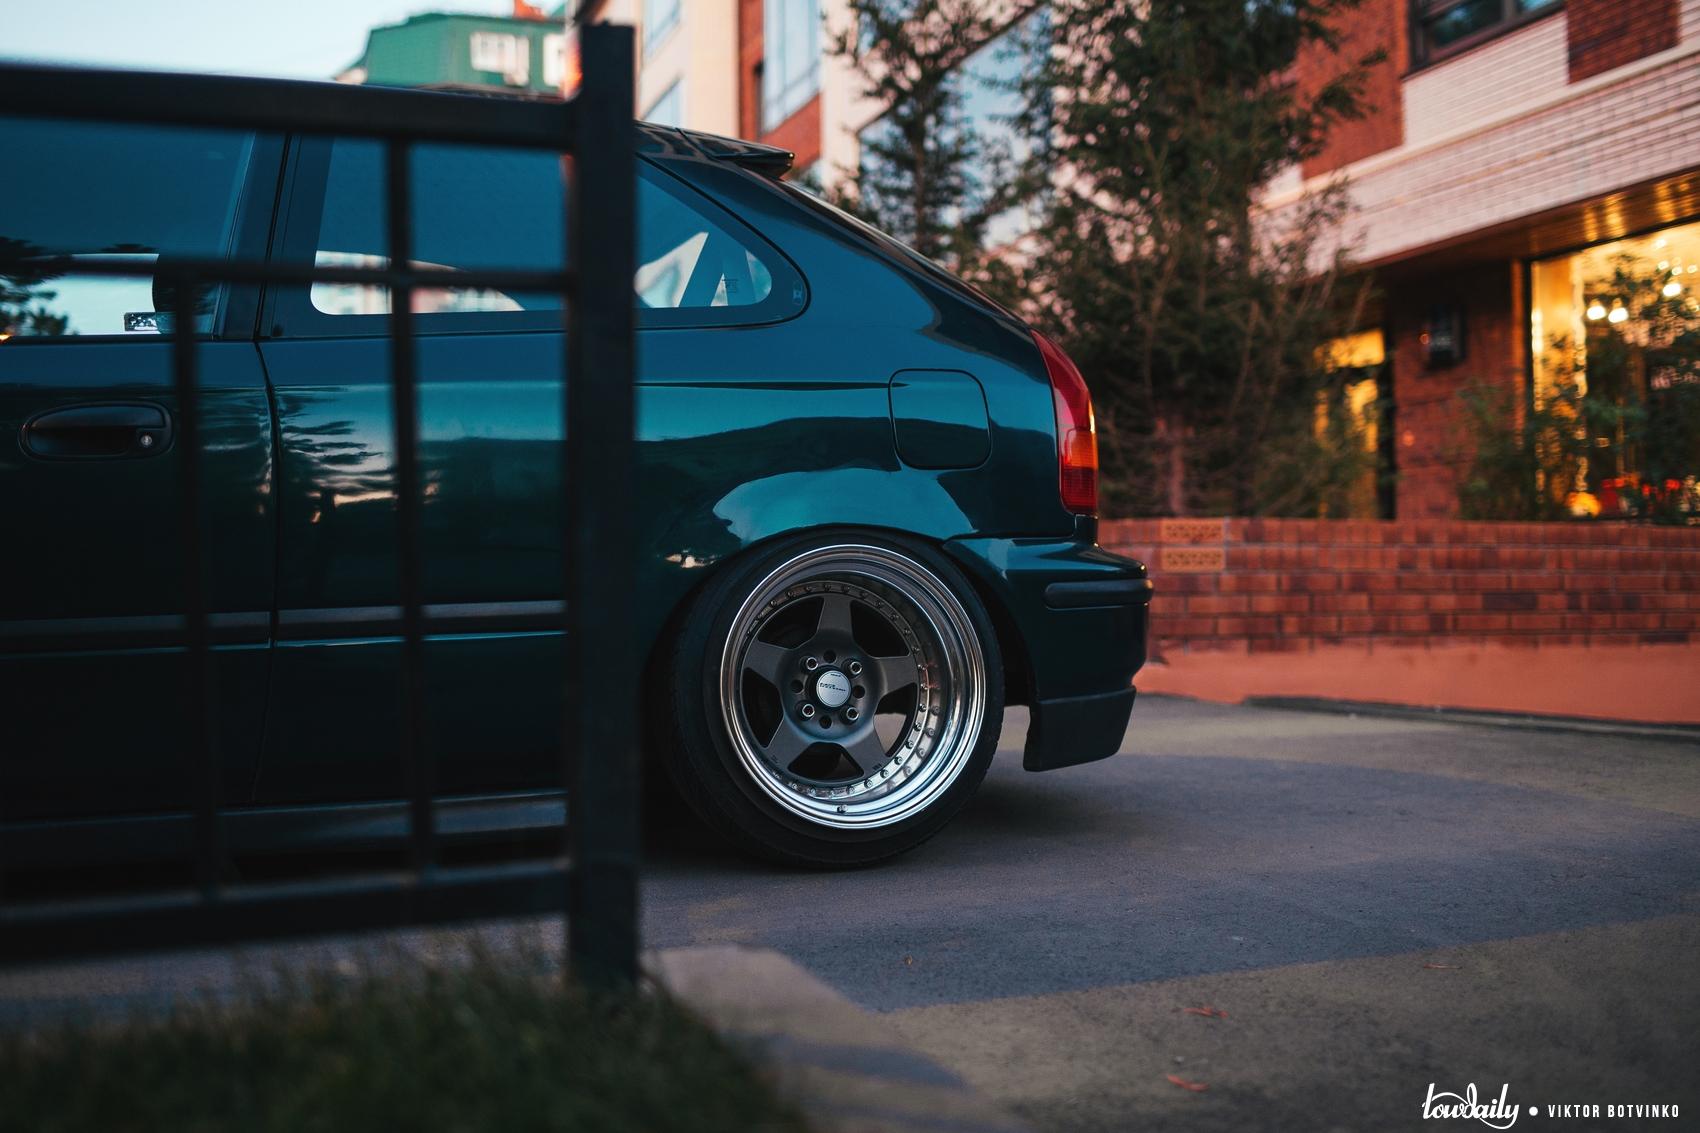 014 Honda Civic